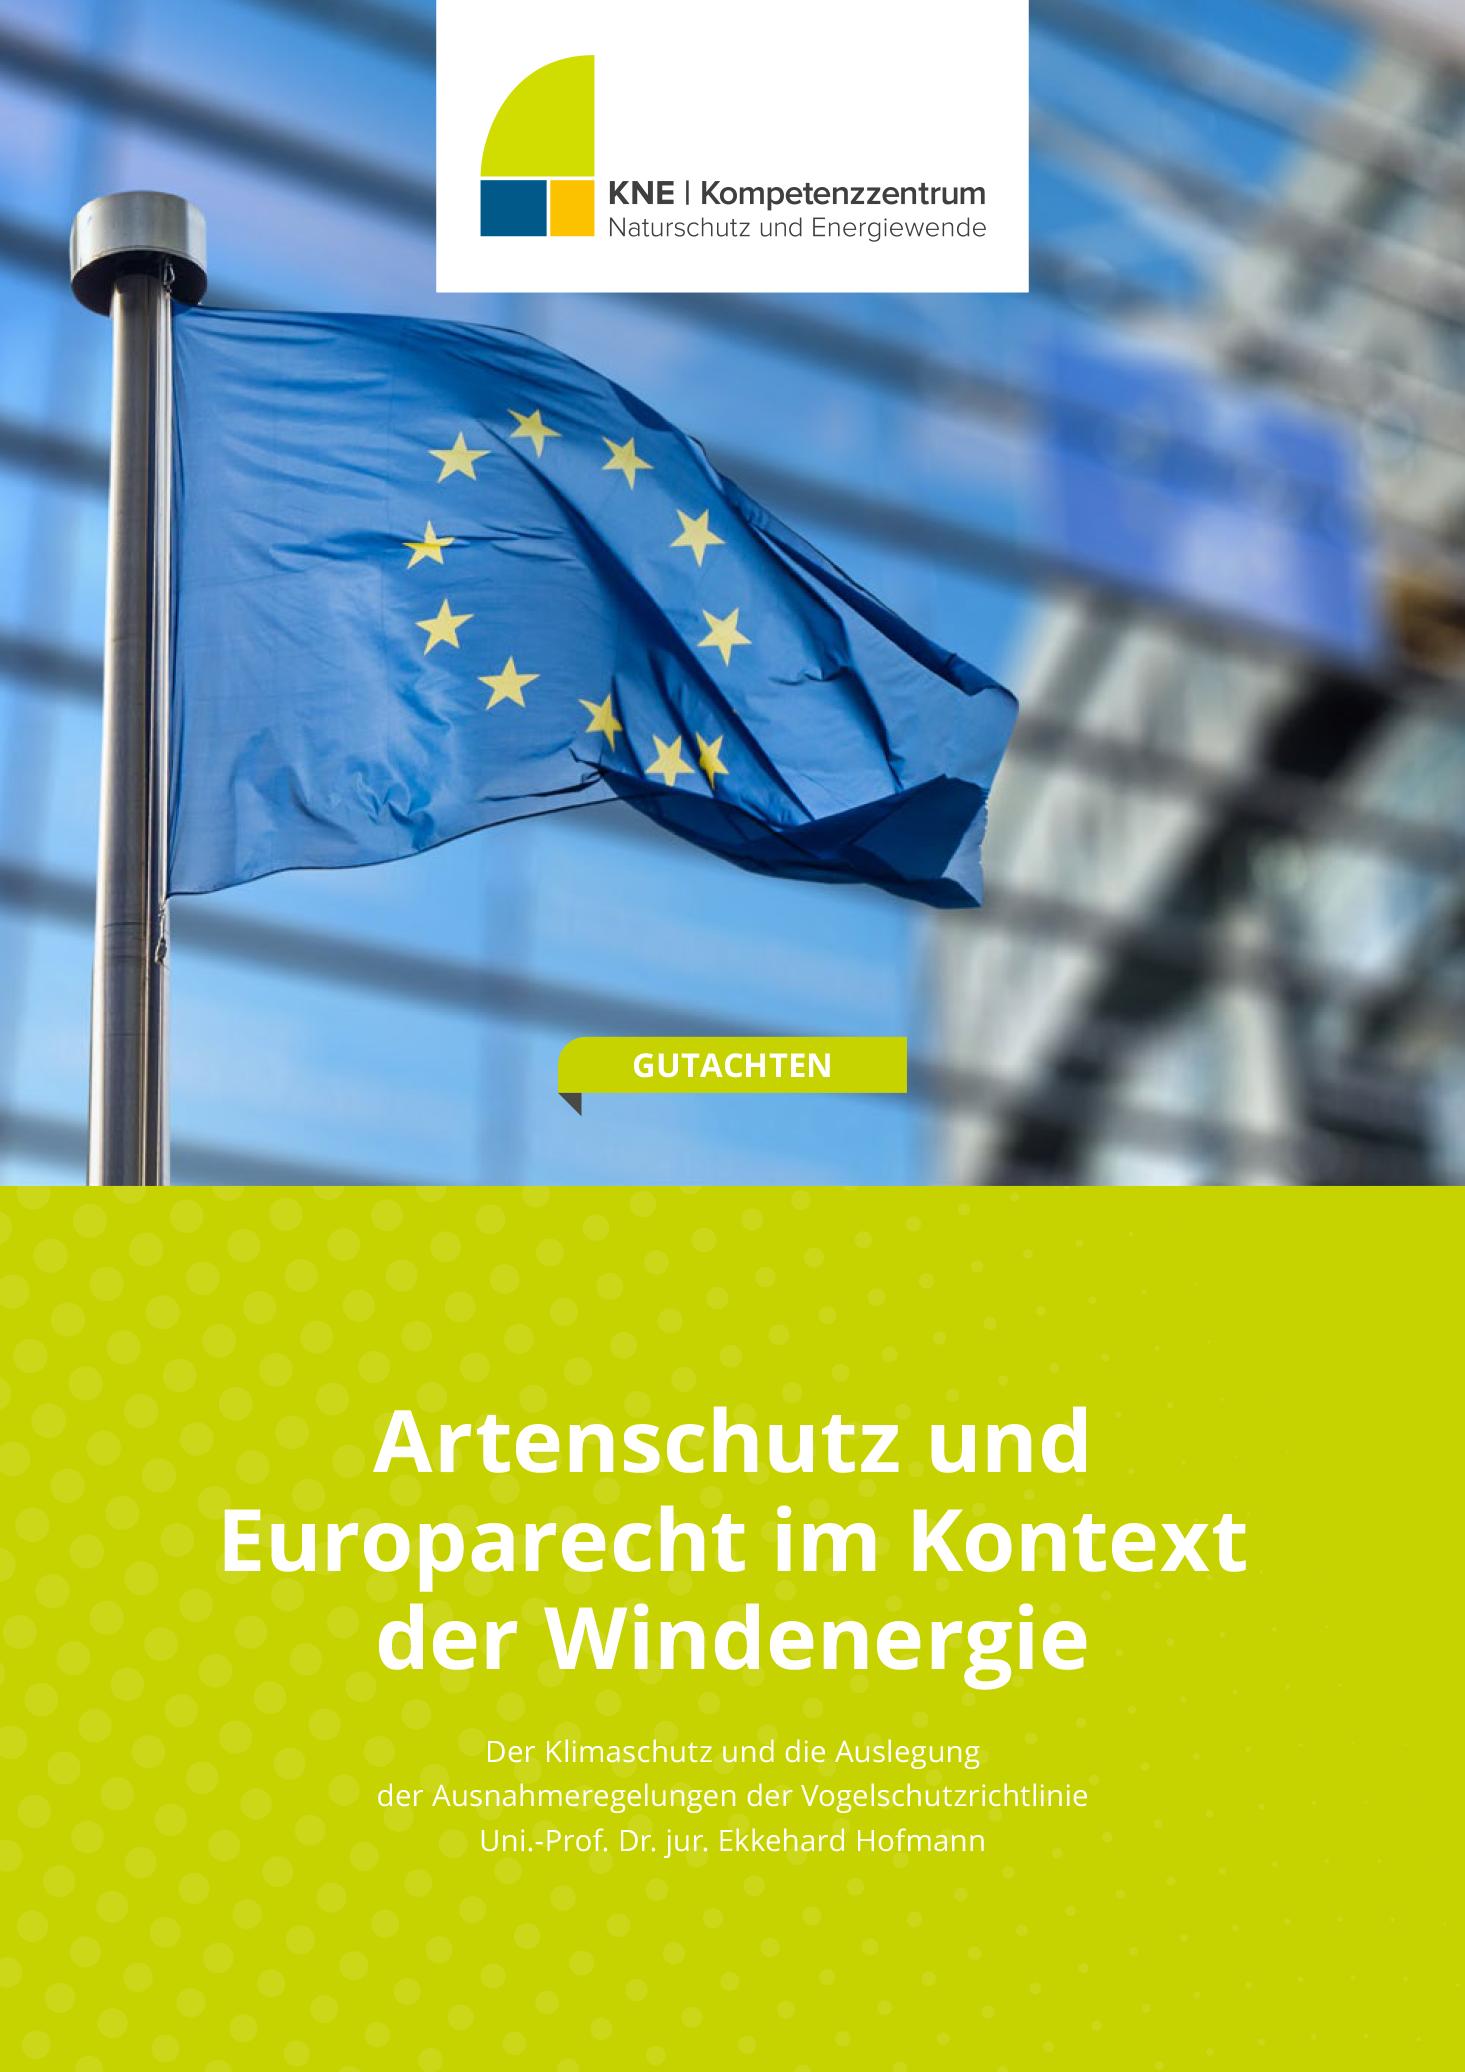 Titel-Publikation-Rechtsgutachten-KNE-2020